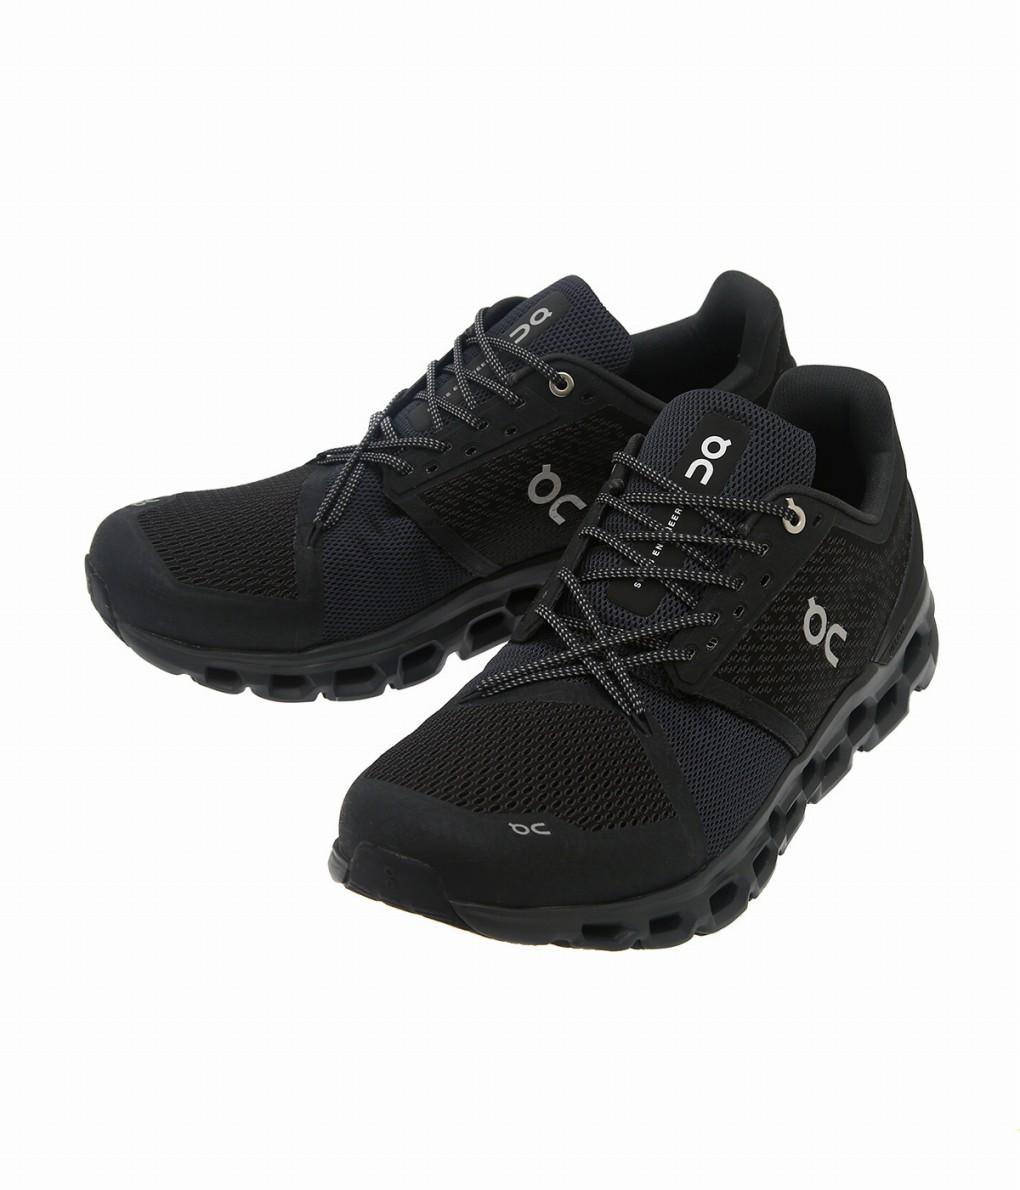 【期間限定送料無料!】On / オン : Cloudstratus -Black/shadow- : クラウドストラトス 靴 スニーカー シューズ ランニングシューズ メンズ : 2999845【AST】